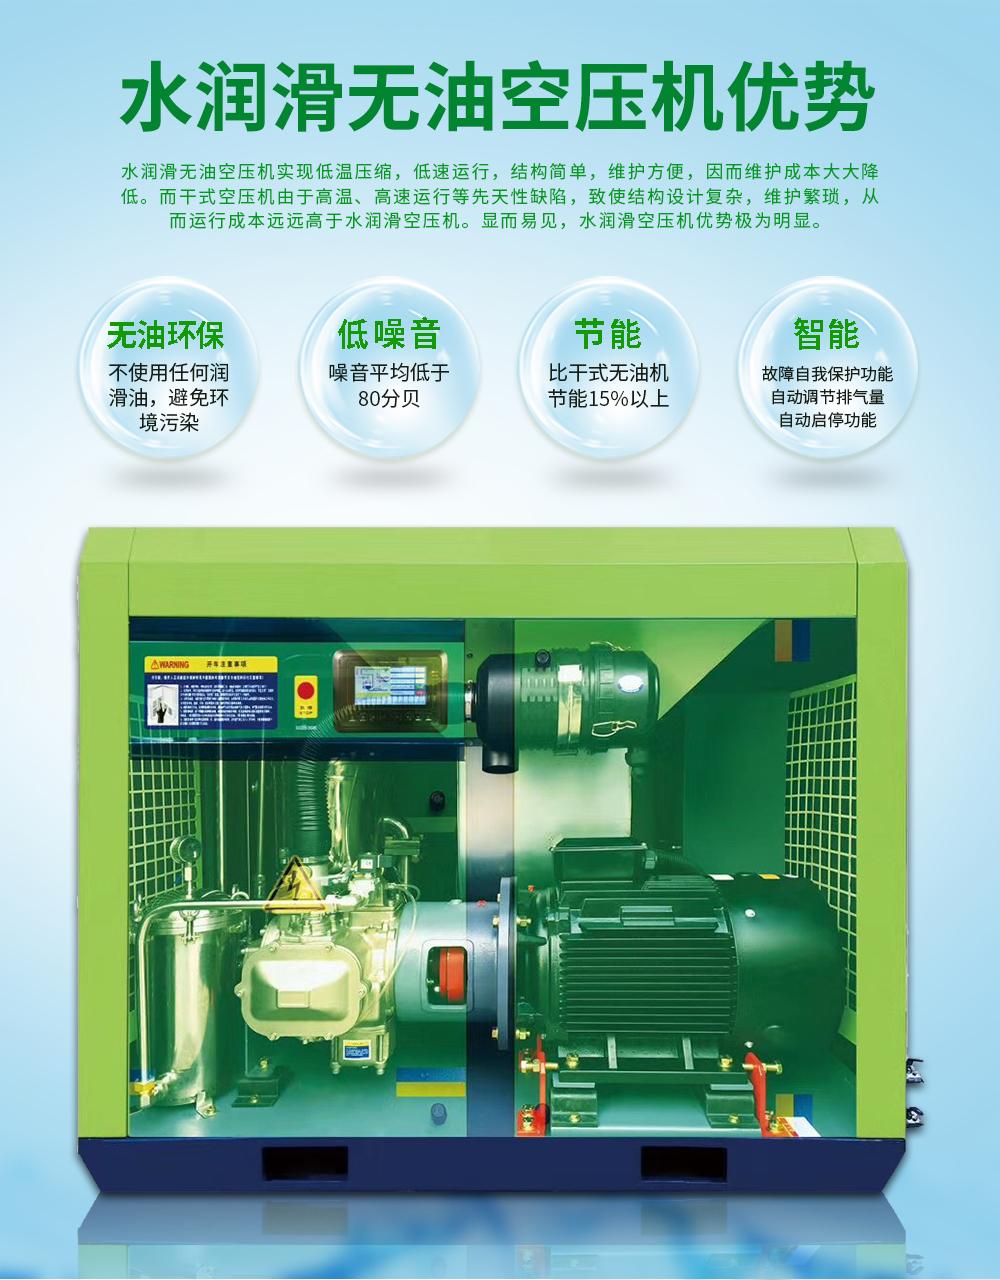 水润滑无油螺杆空压机优势